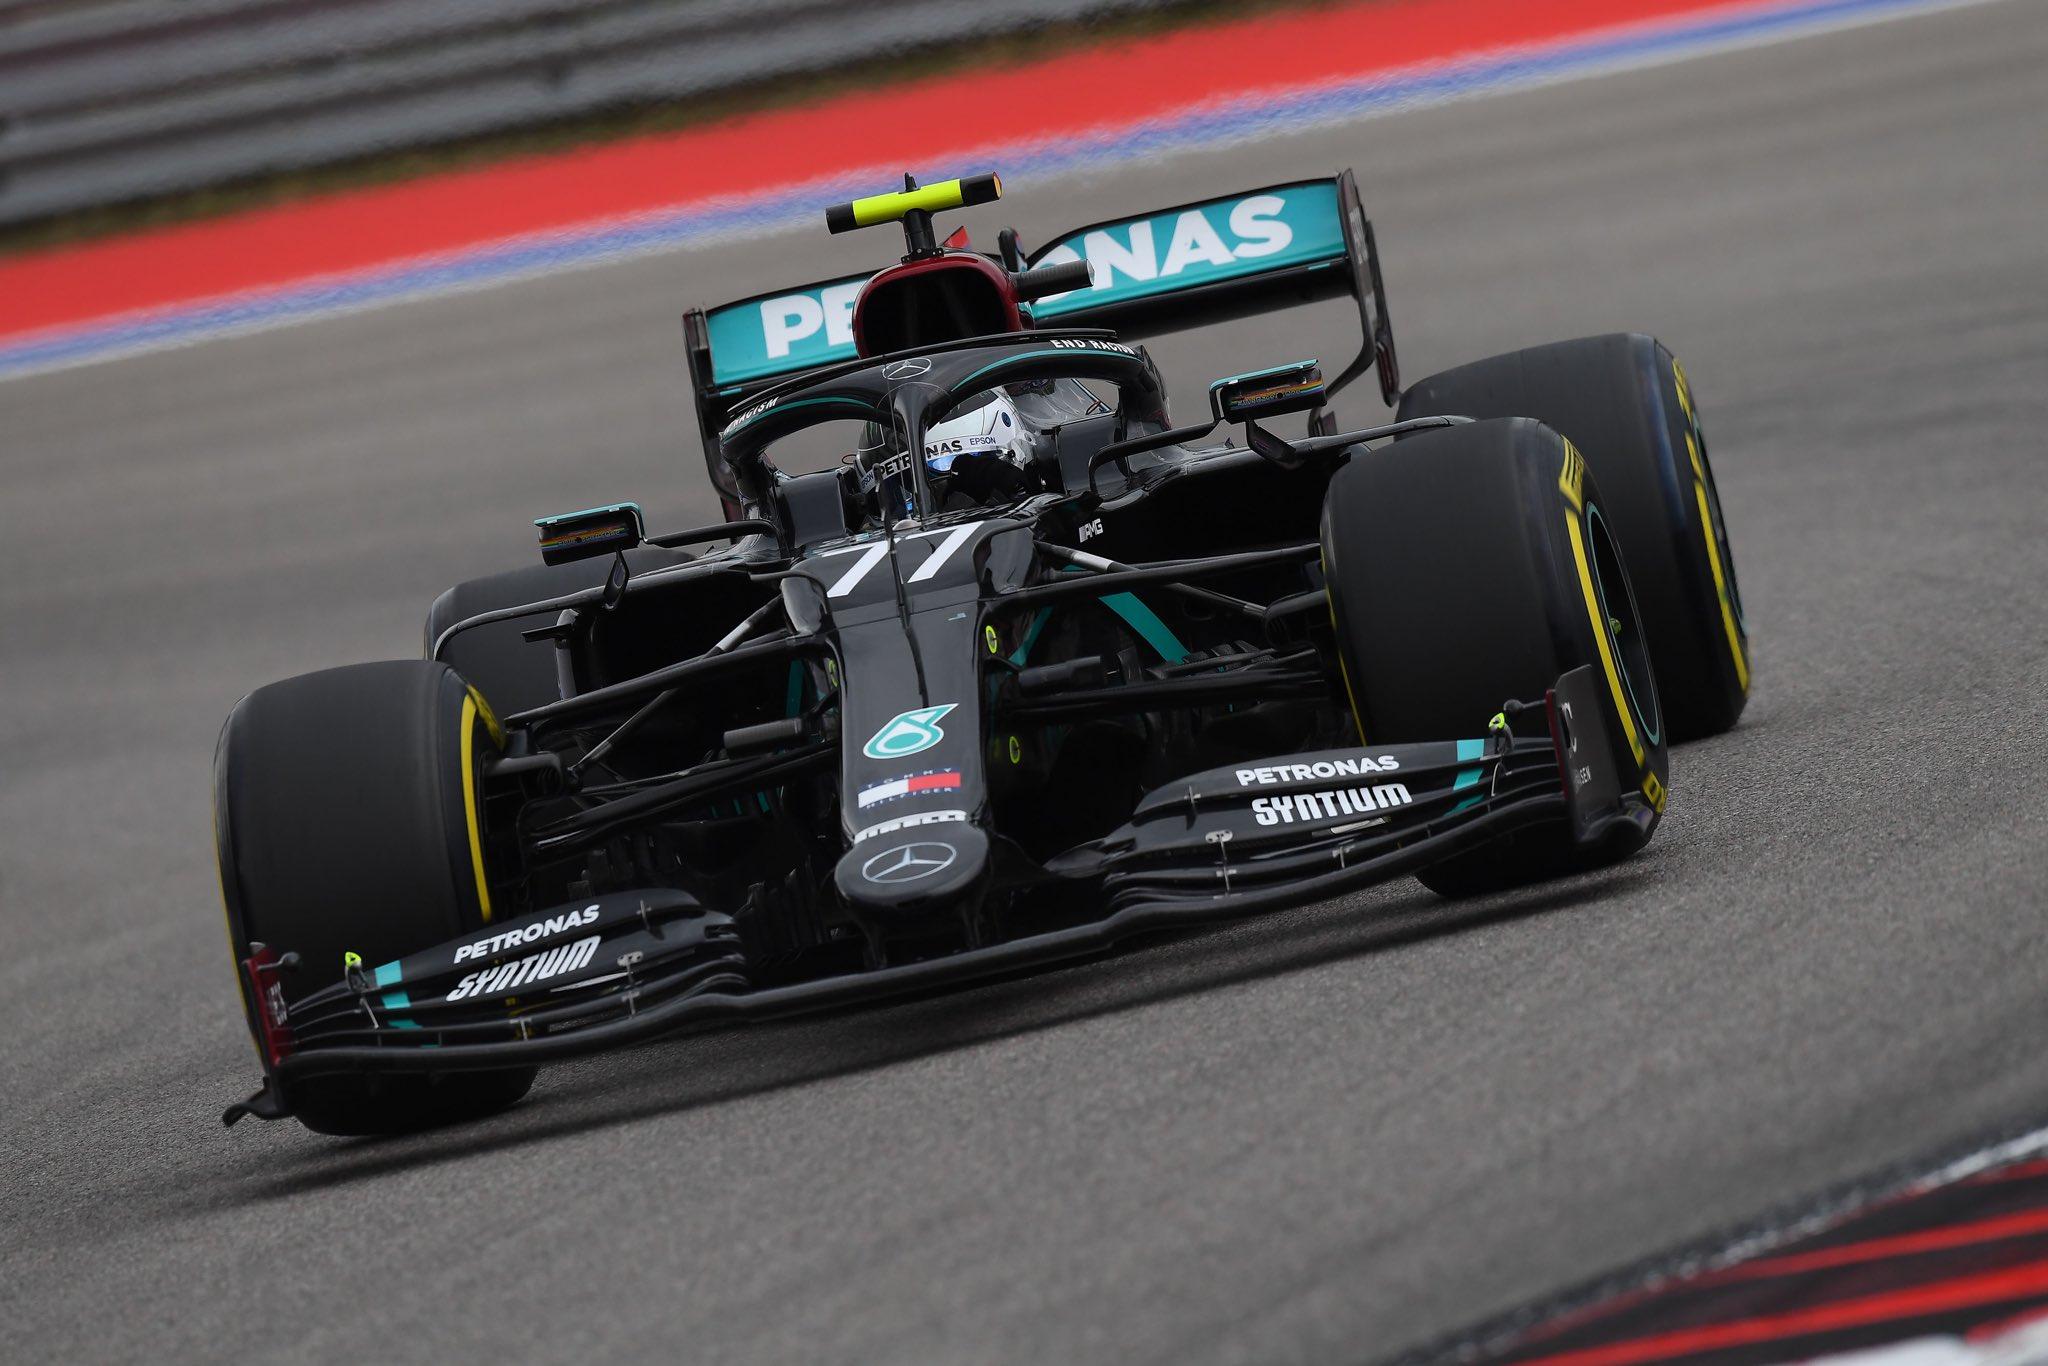 Victoire de Bottas en Russie, qui profite d'une erreur d'Hamilton 1